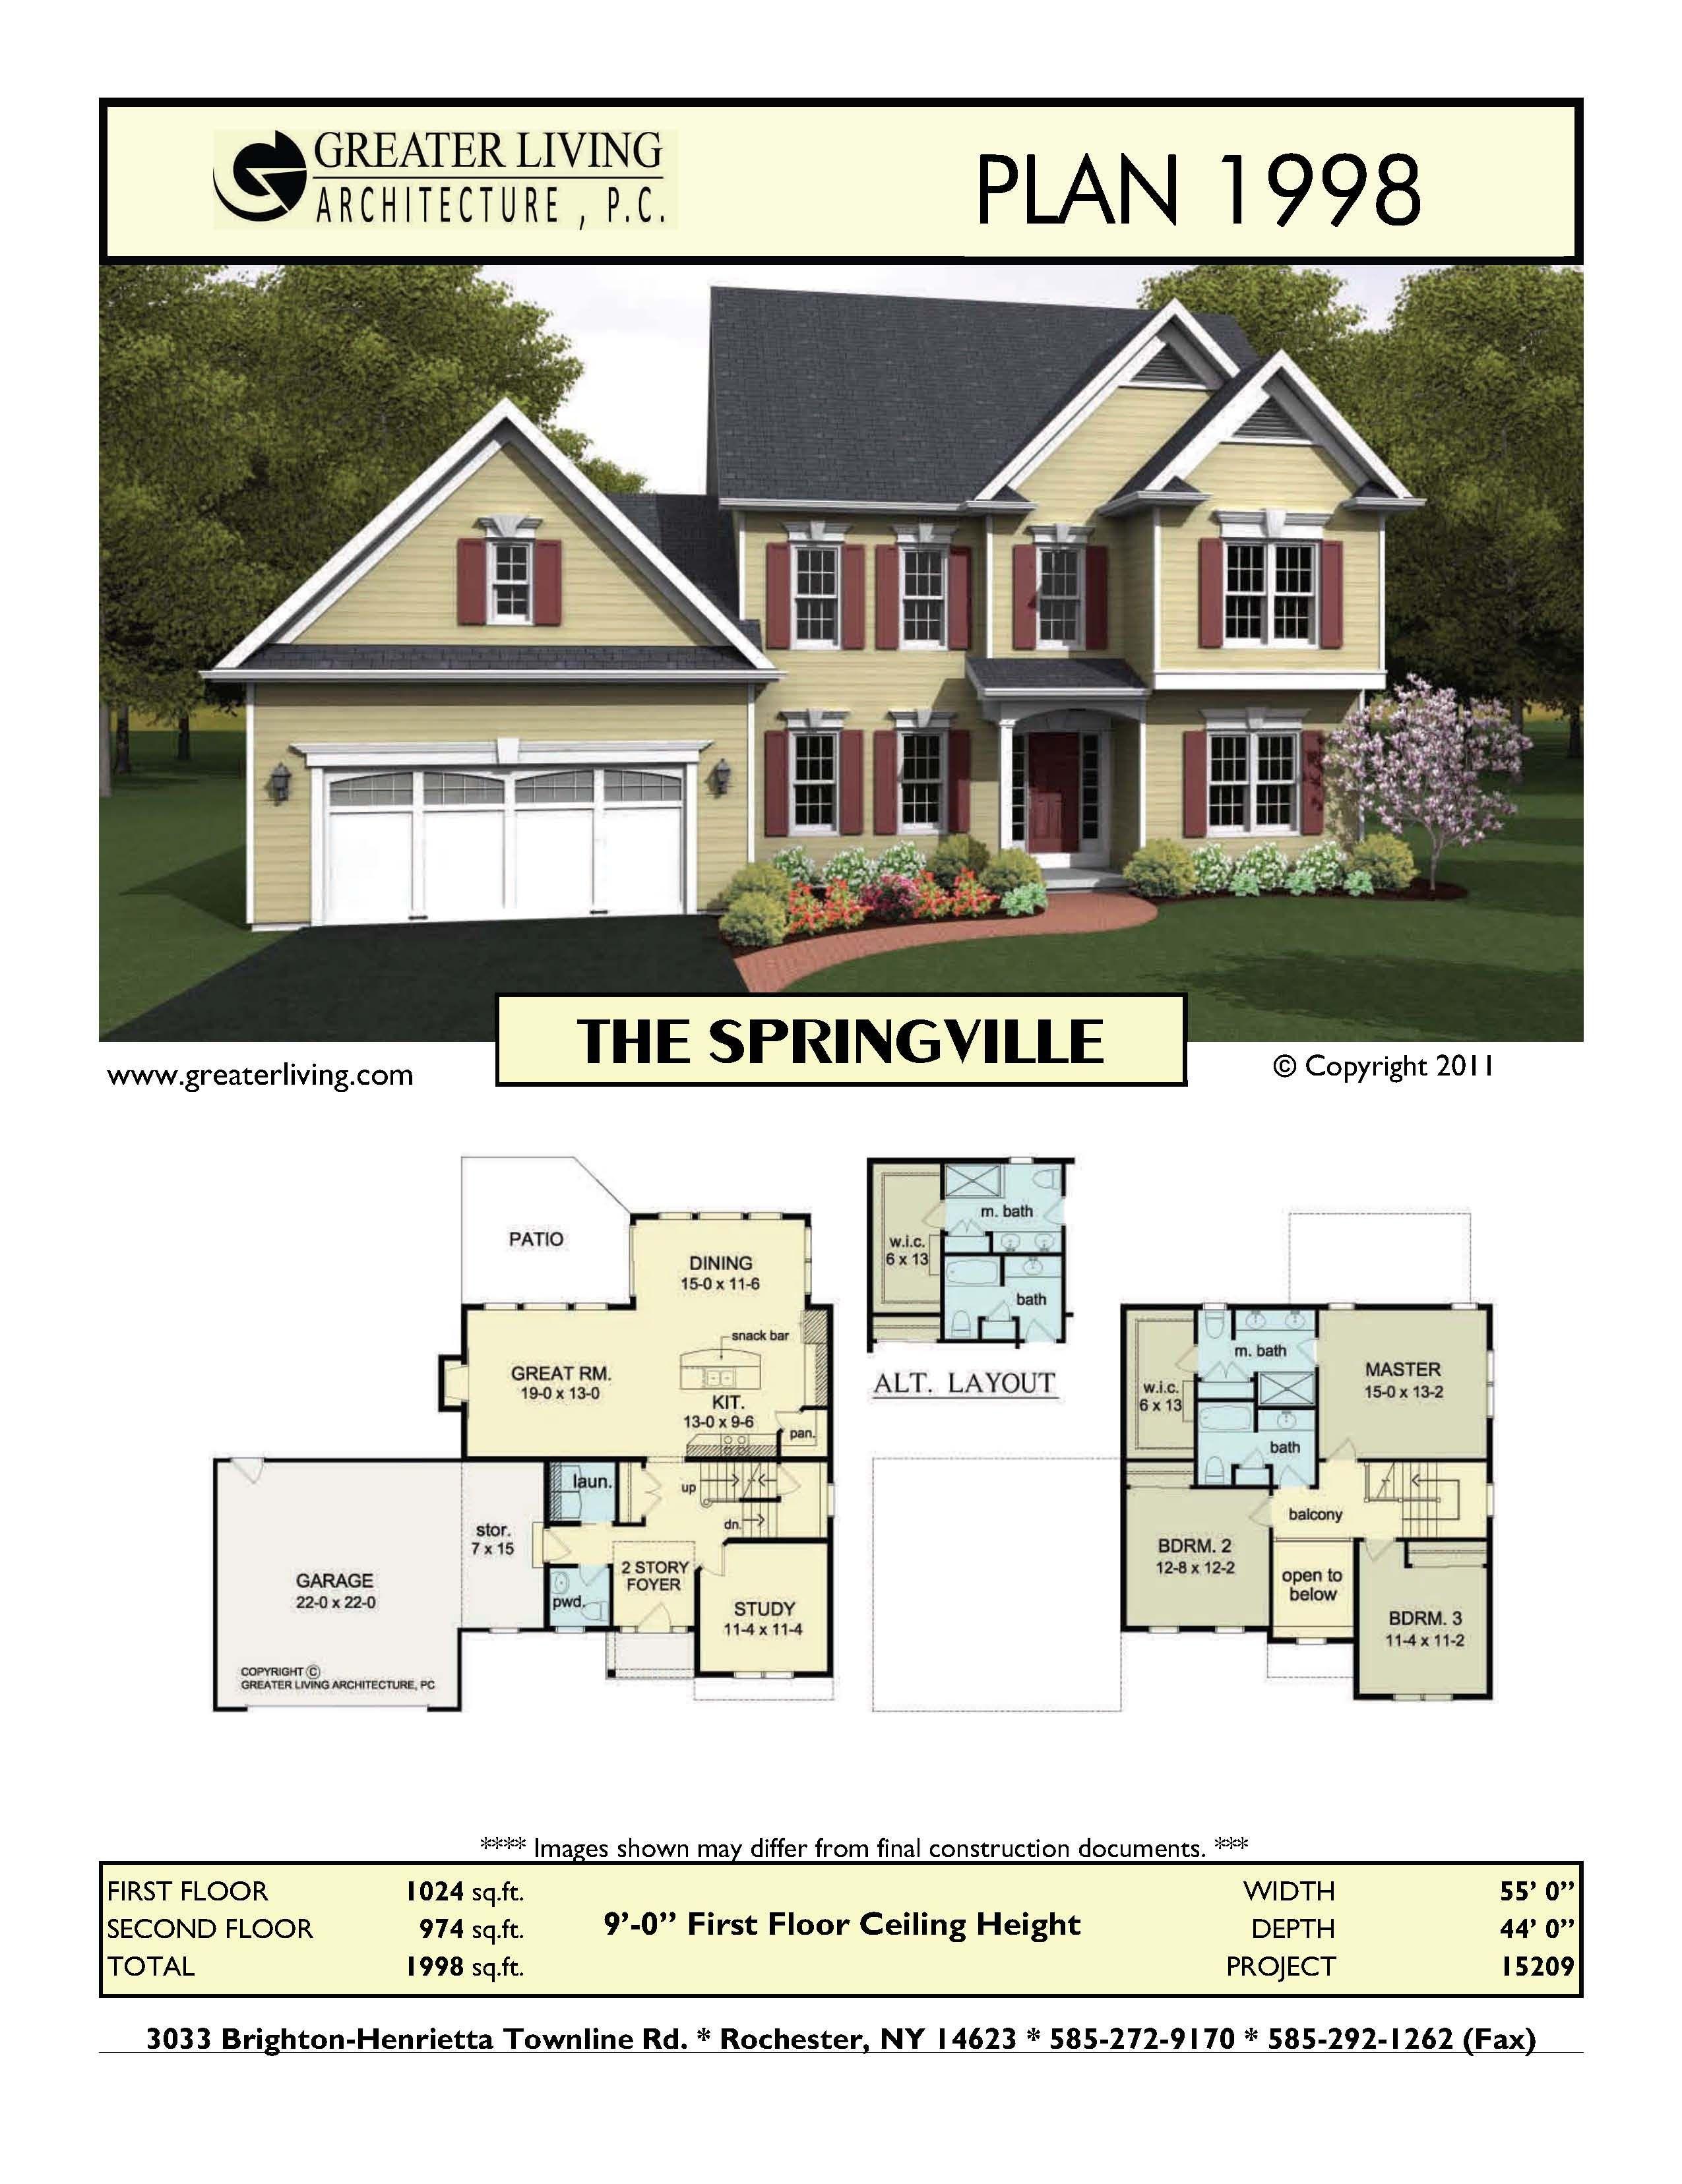 Plan 1998 The Springville House Blueprints Best House Plans Sims 4 House Building